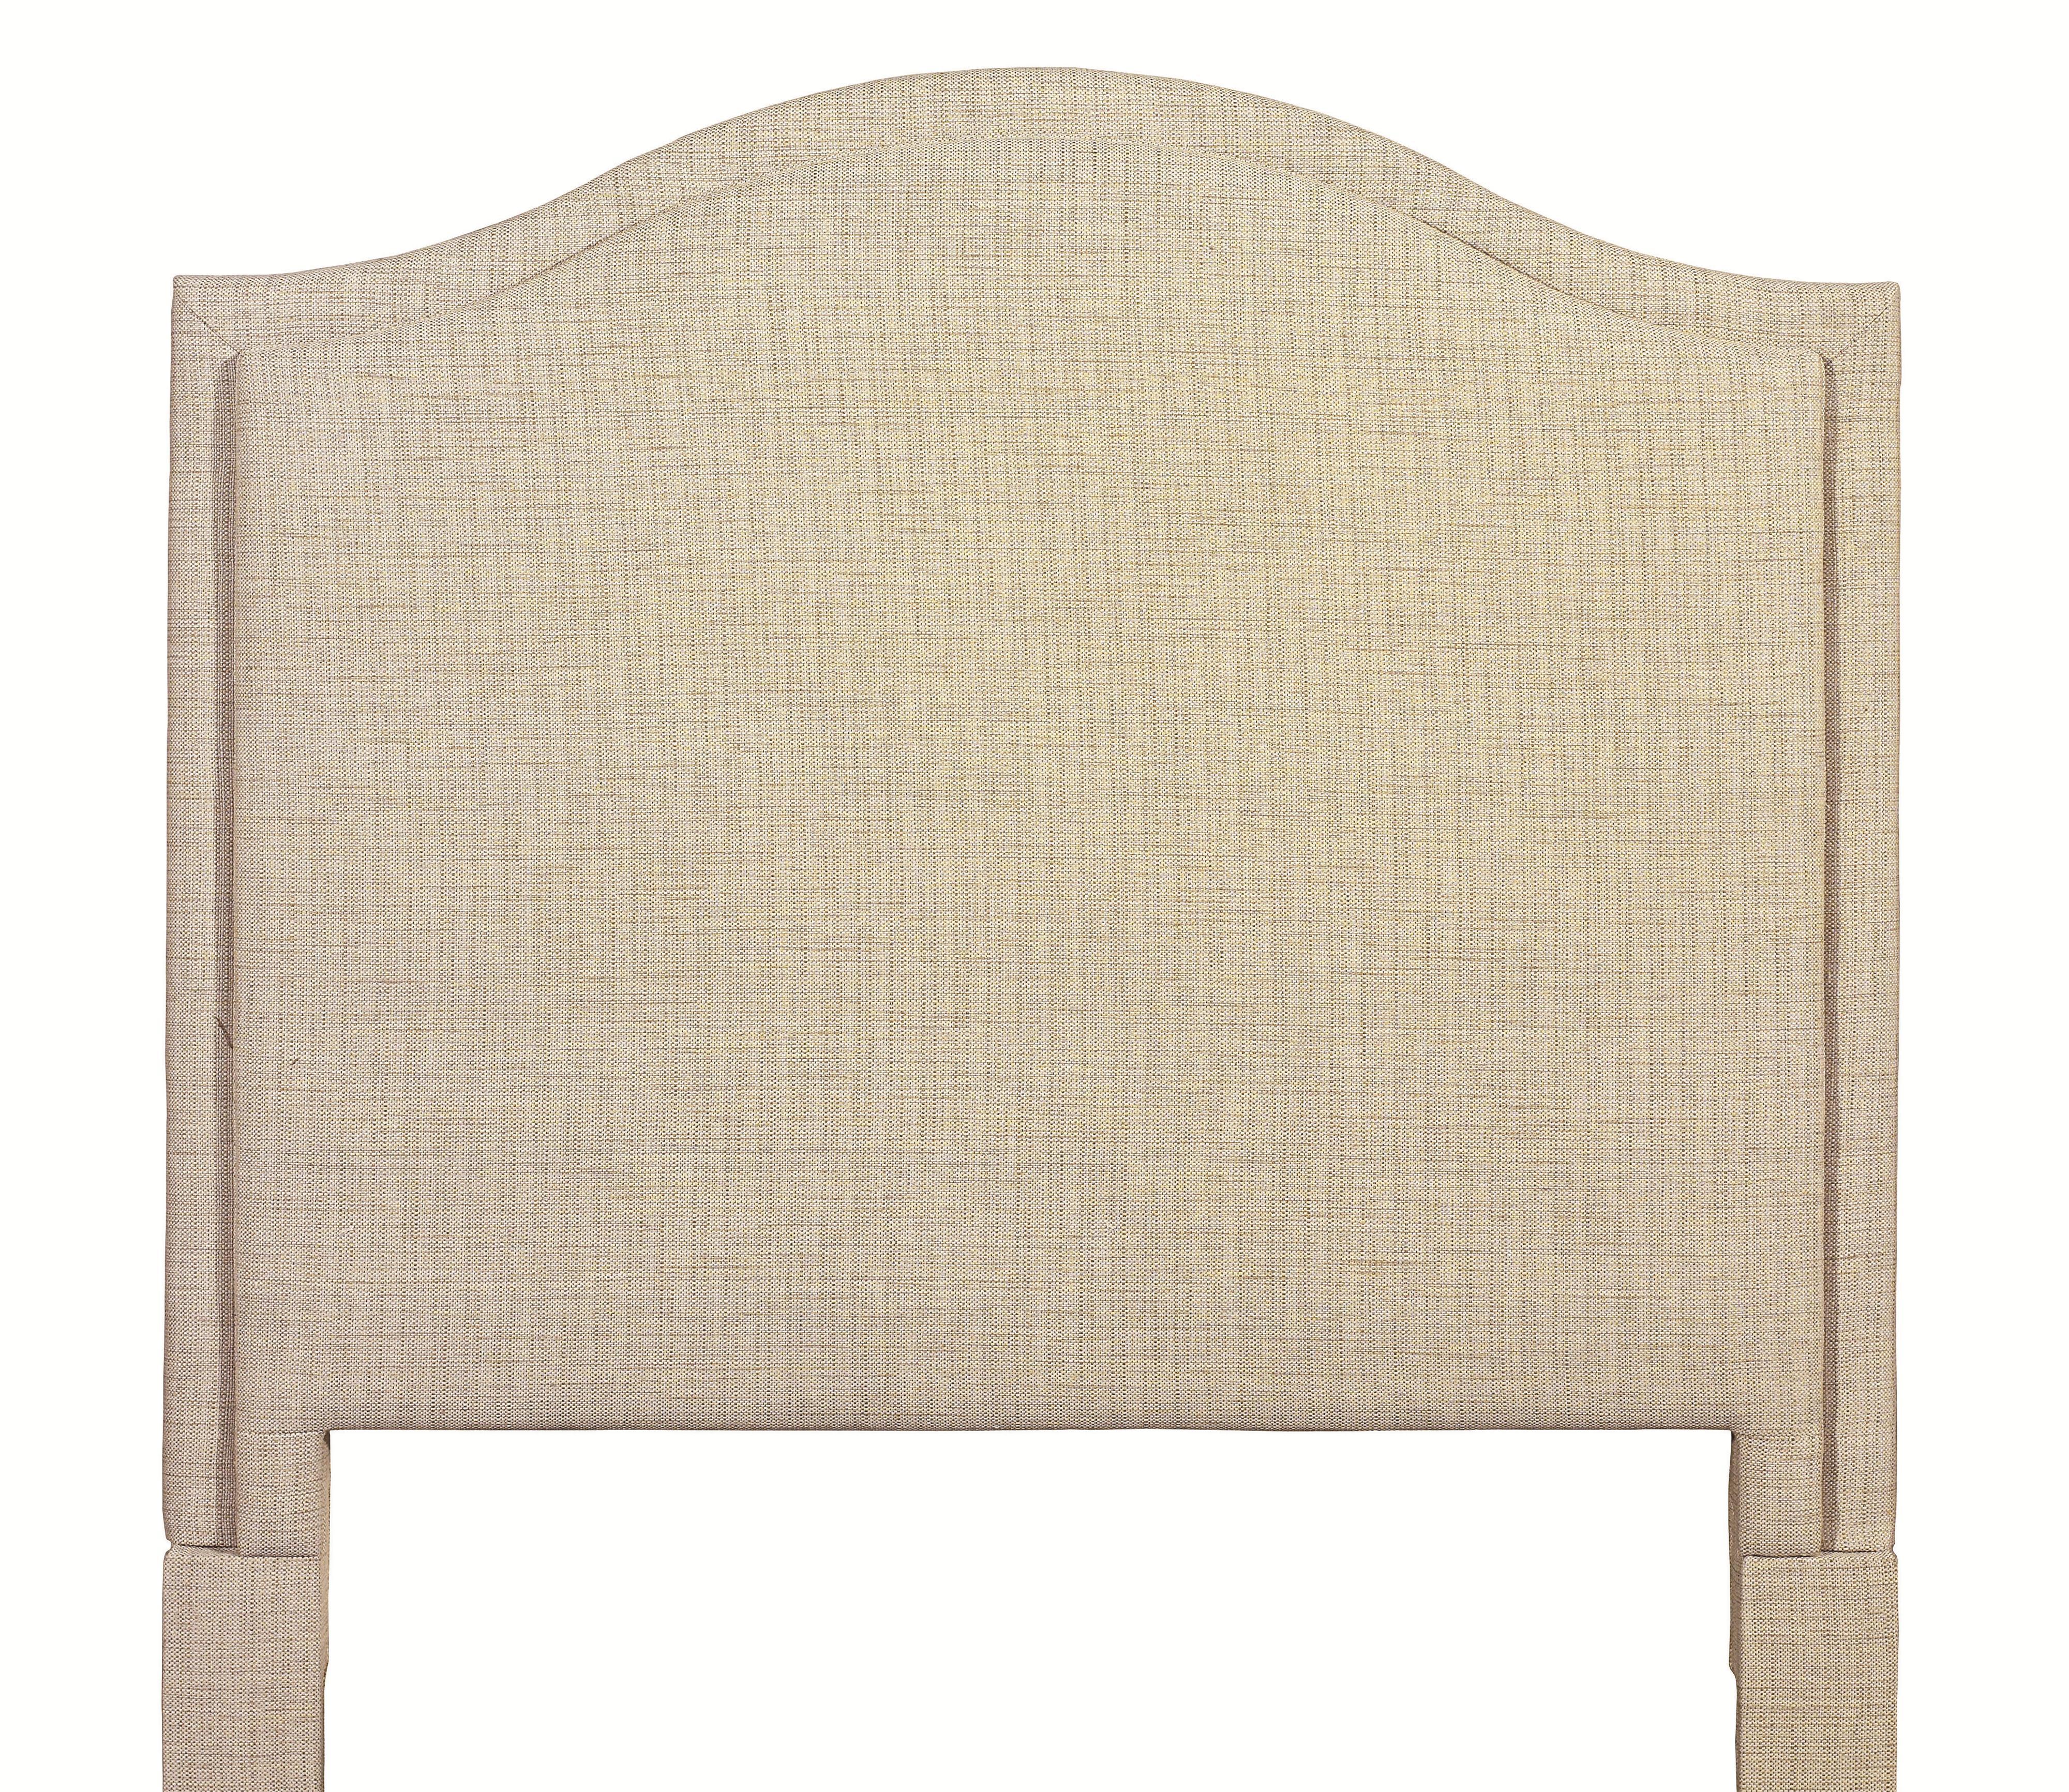 Custom Upholstered Beds Full Vienna Upholstered Headboard by Bassett at Bassett of Cool Springs